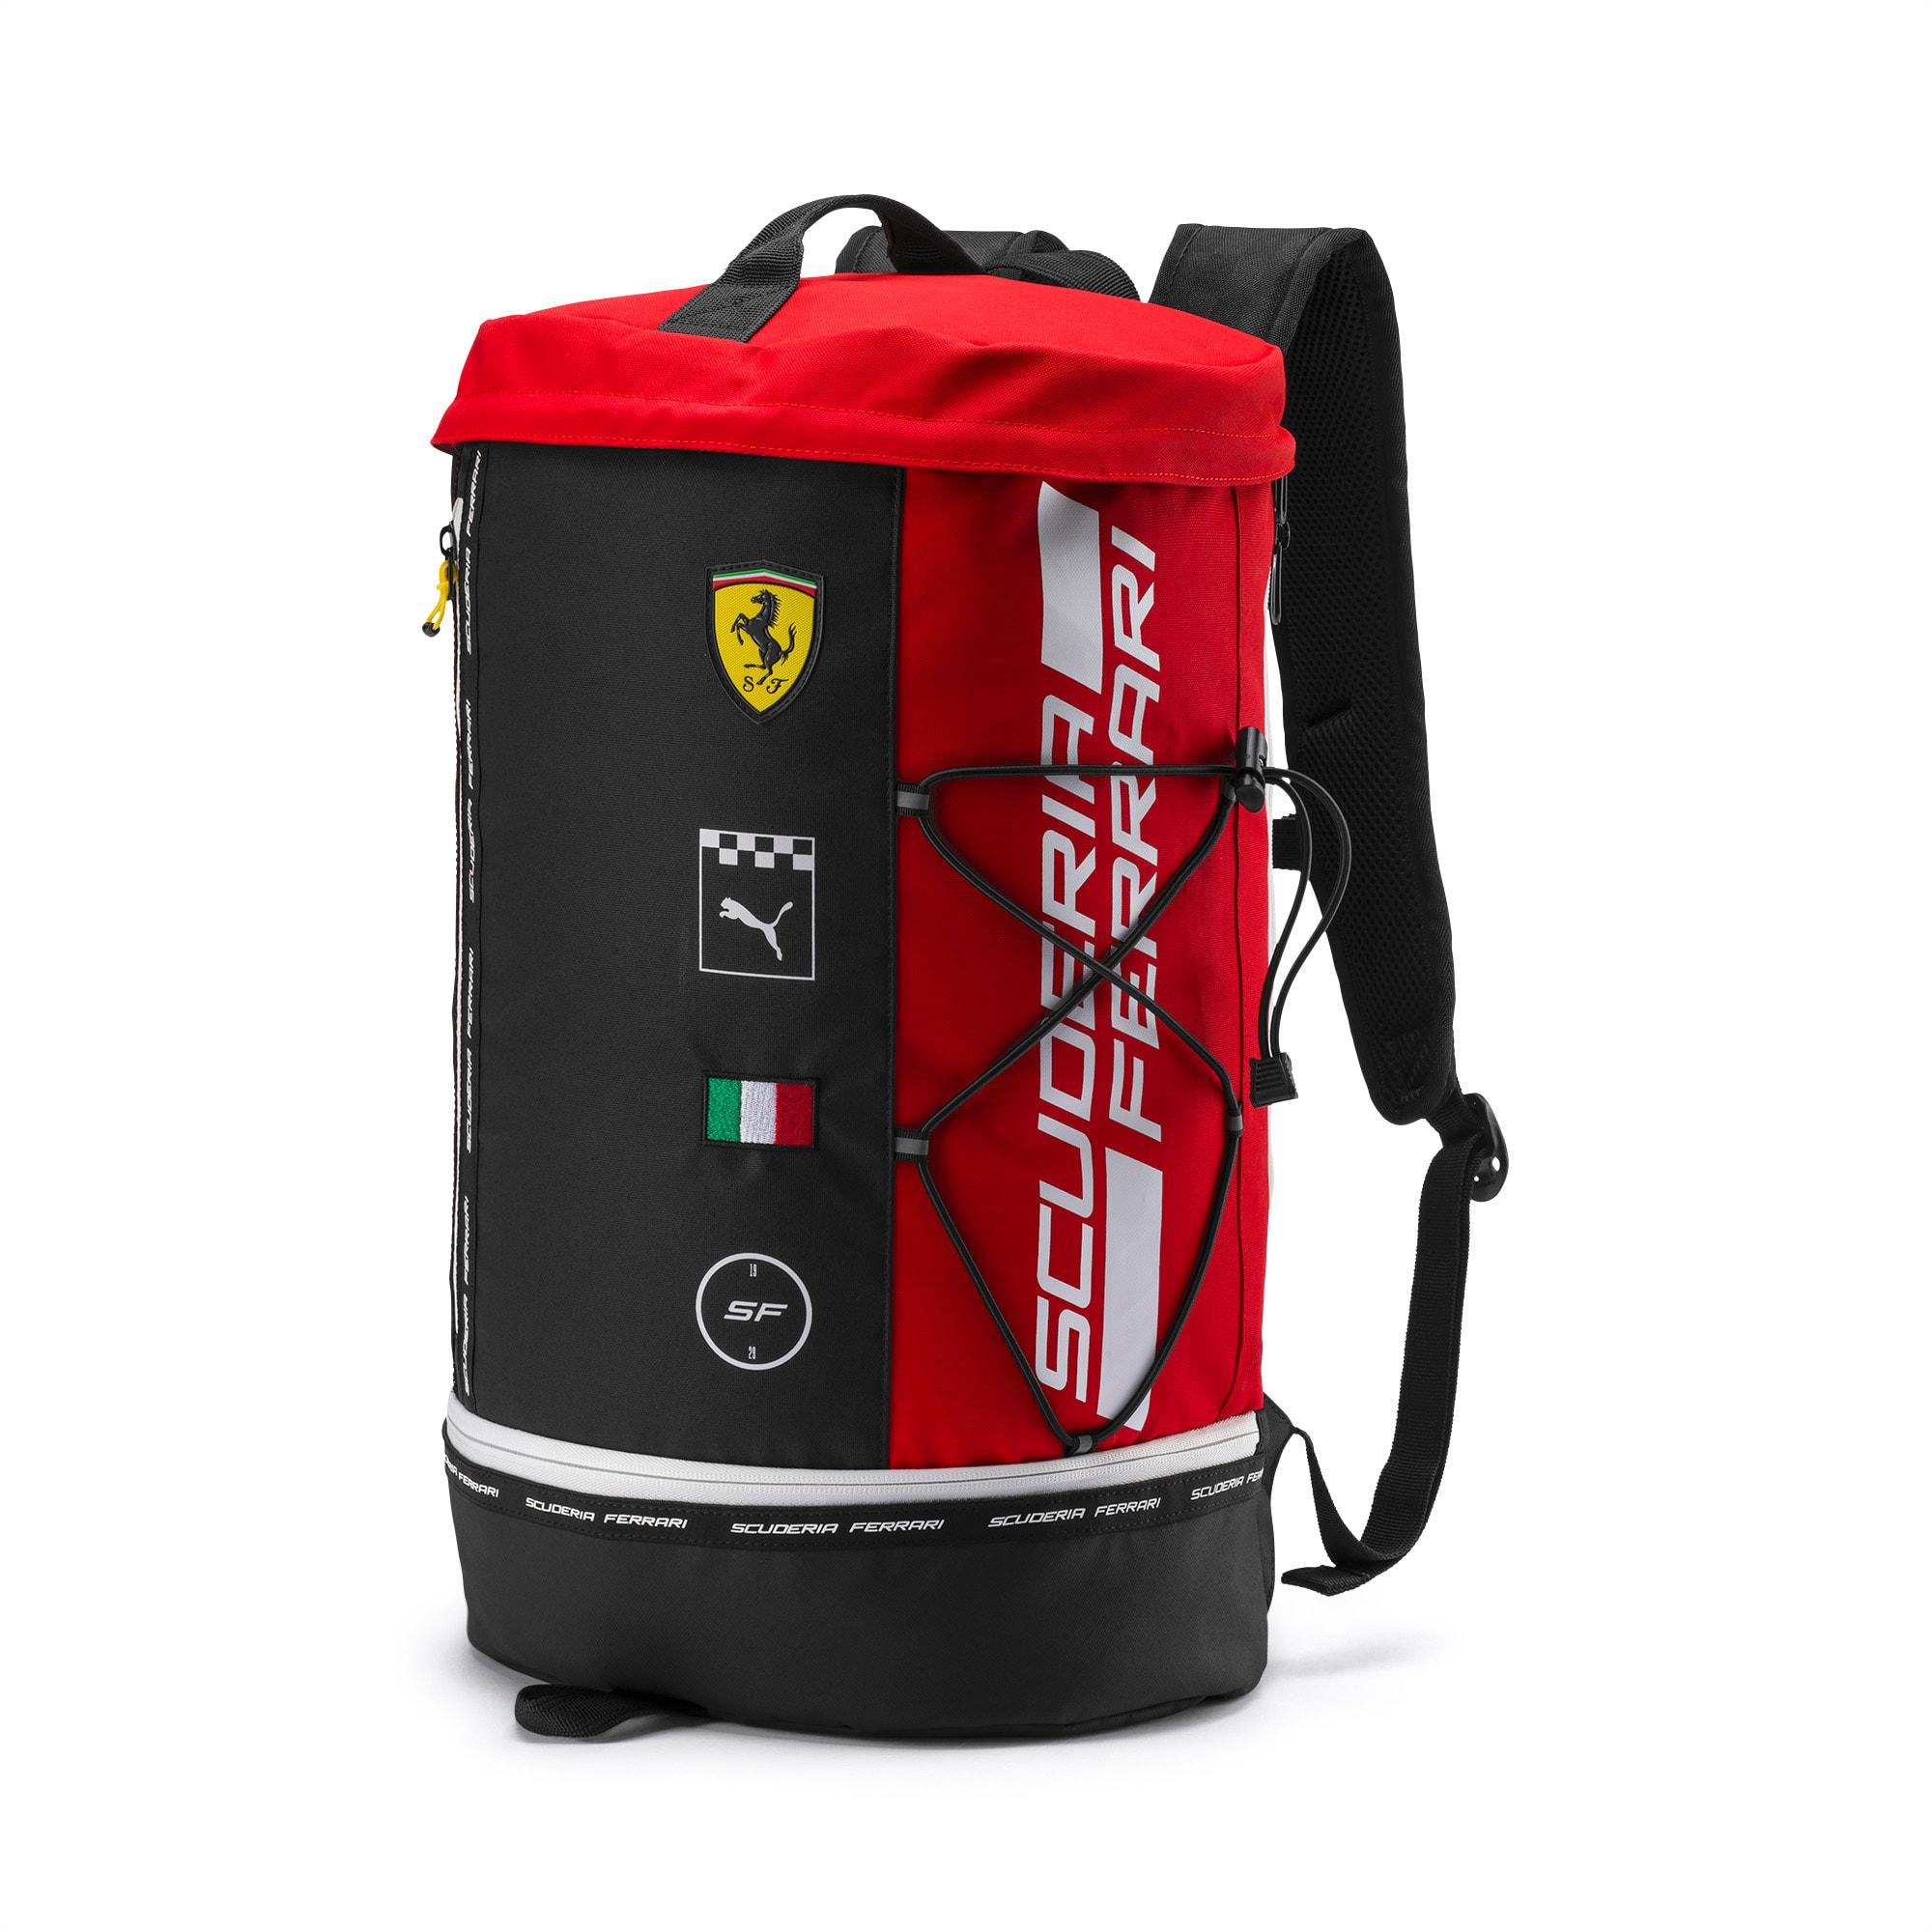 Dozzine In Termini Di Vacante Puma Ferrari Backpack Campana Solidarietà Feudo